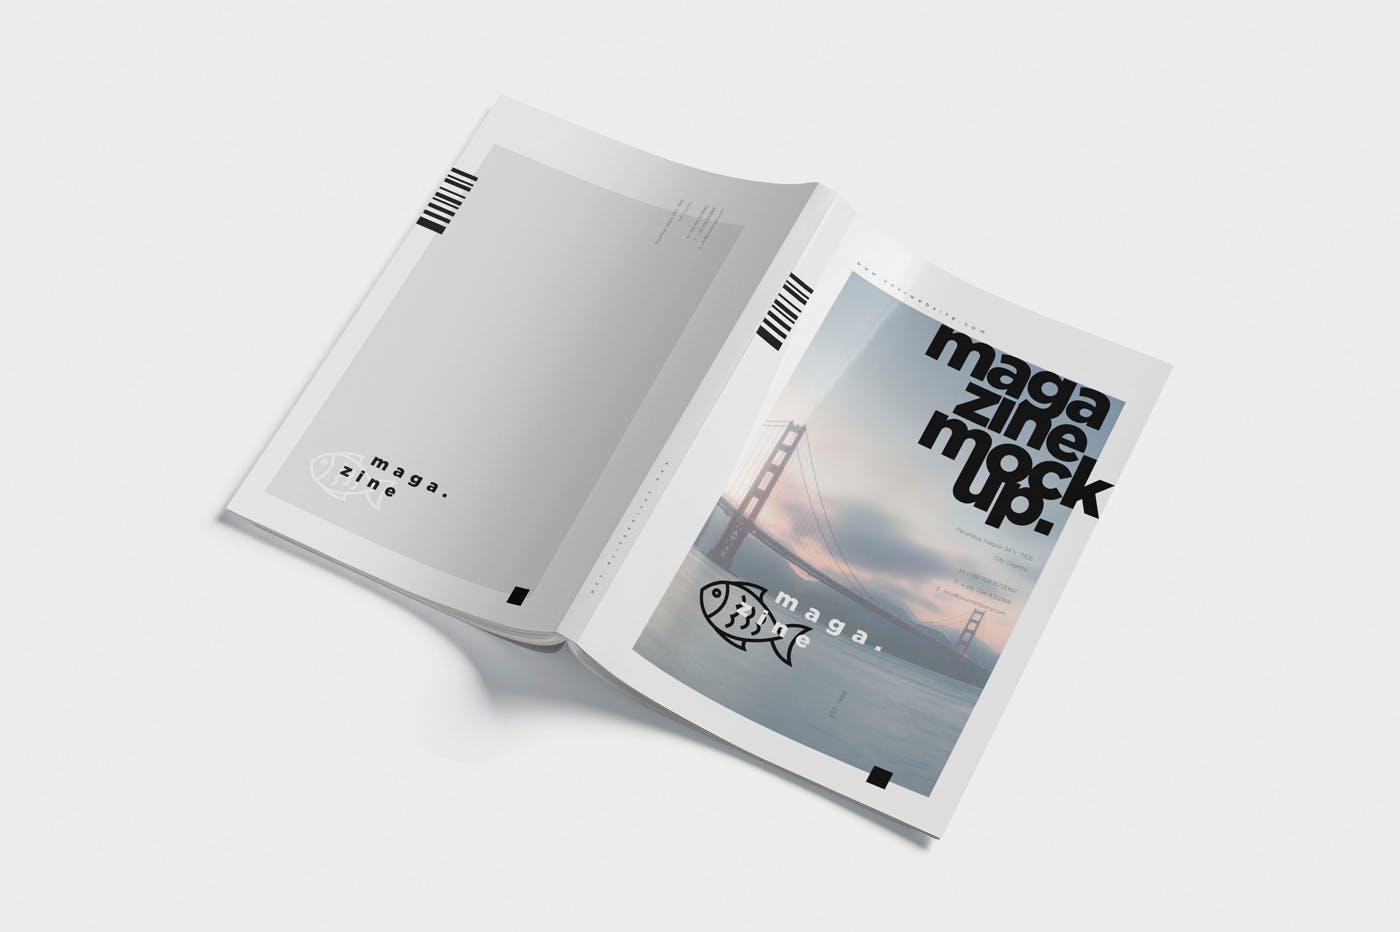 时尚杂志智能贴图样机素材  模板样机 Magazine Spread Mockups插图(3)